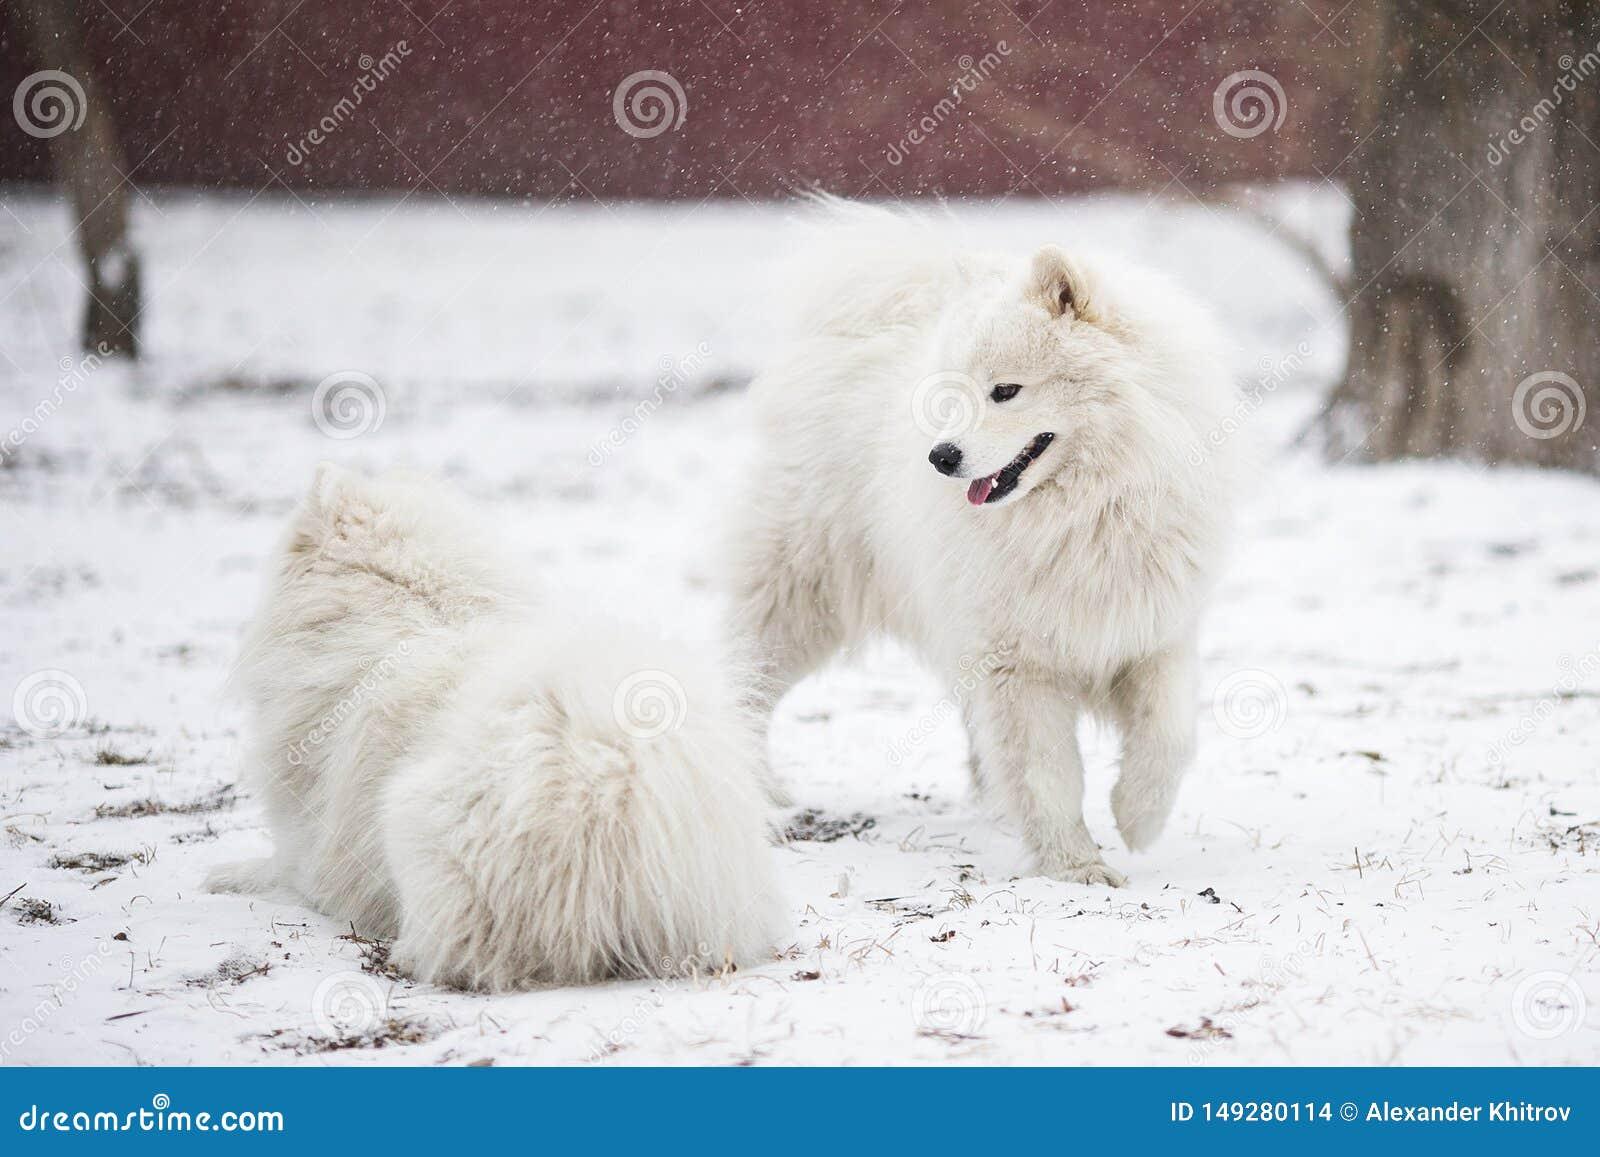 Deux chiens couverts de neige gambadent pendant l hiver sur la neige fraîchement tombée